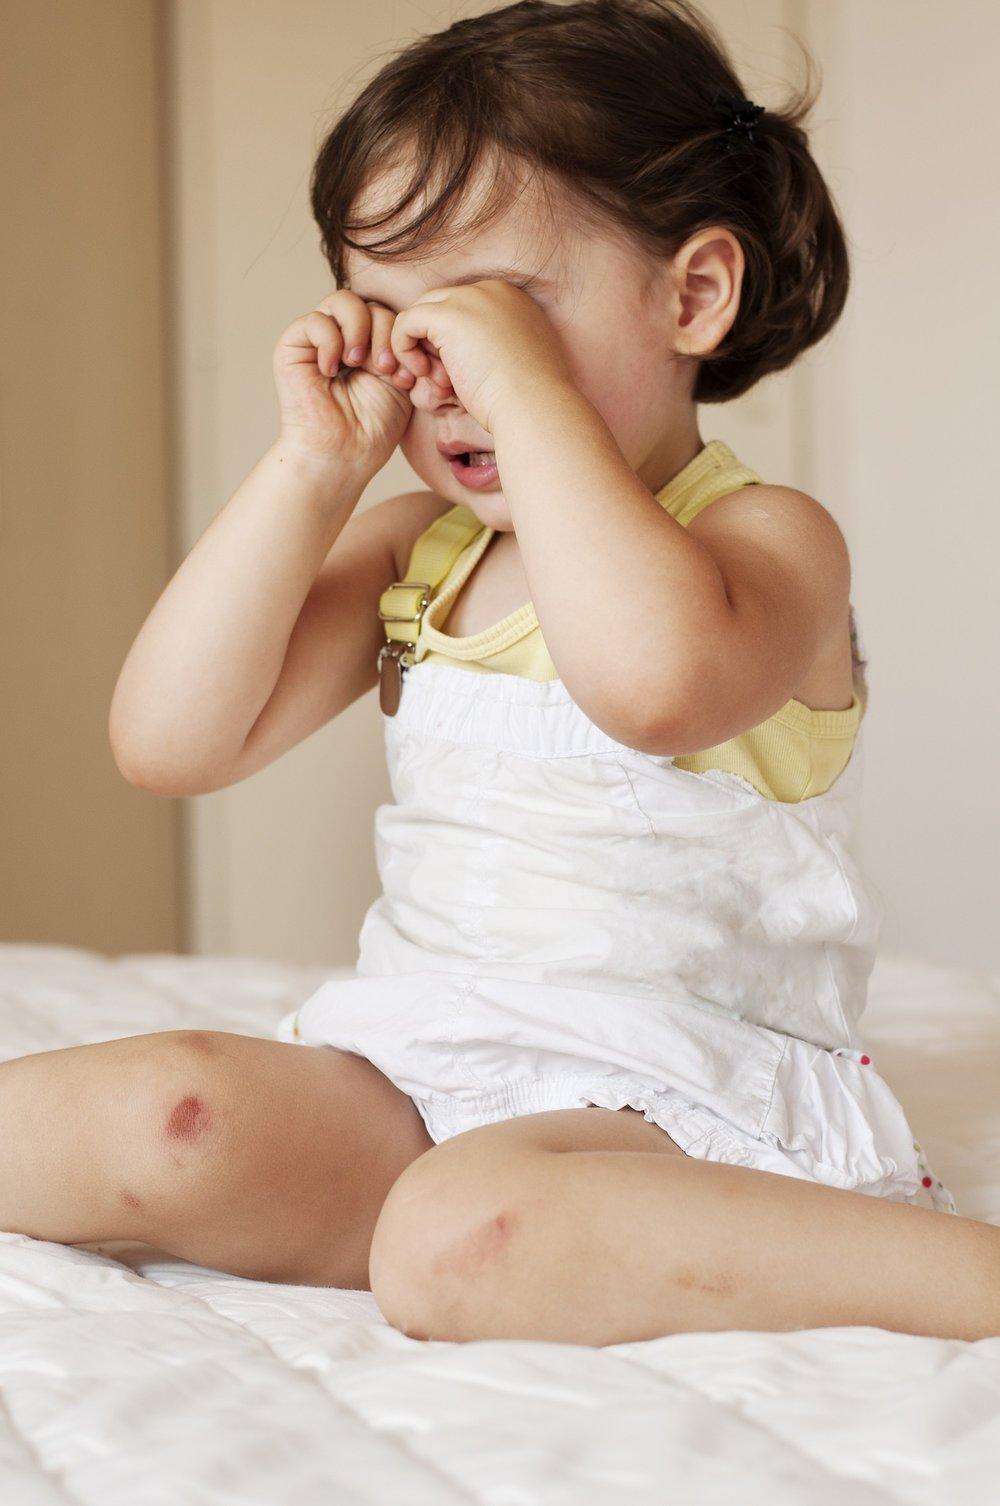 Toddler Crying (1).jpg